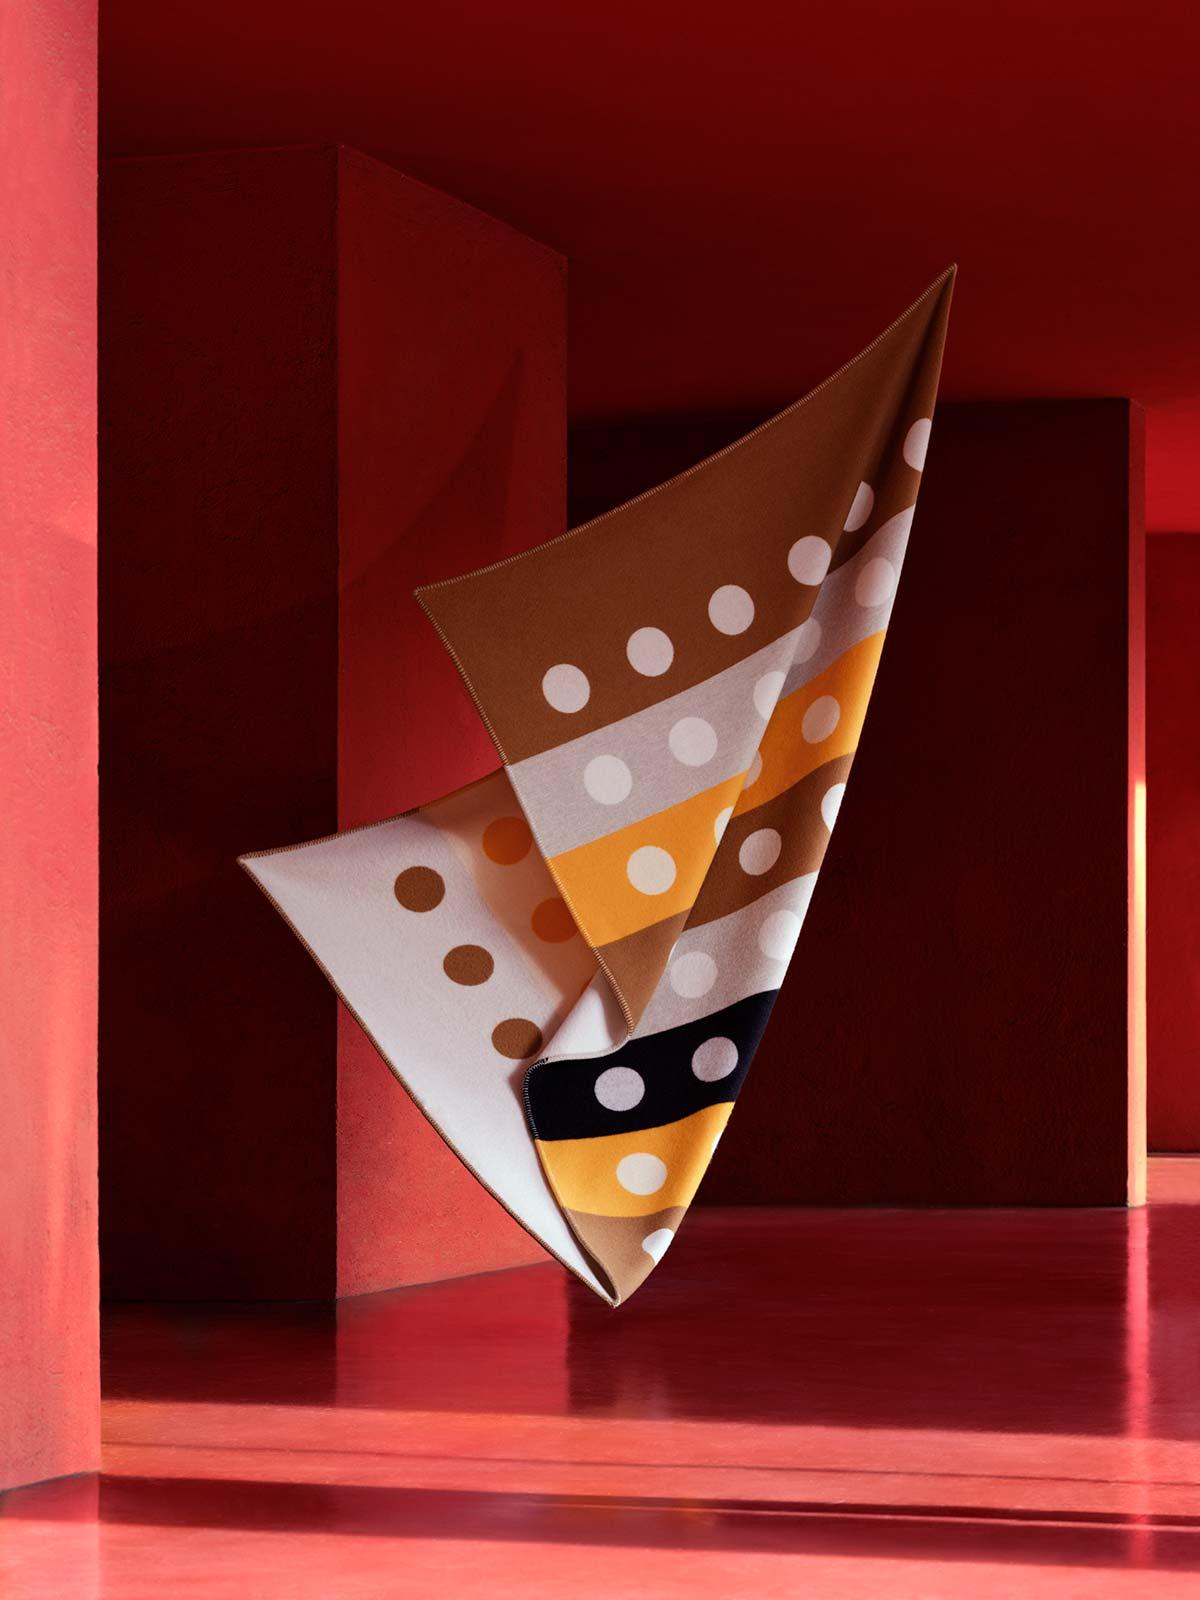 Triennale pattern by Lanerossi